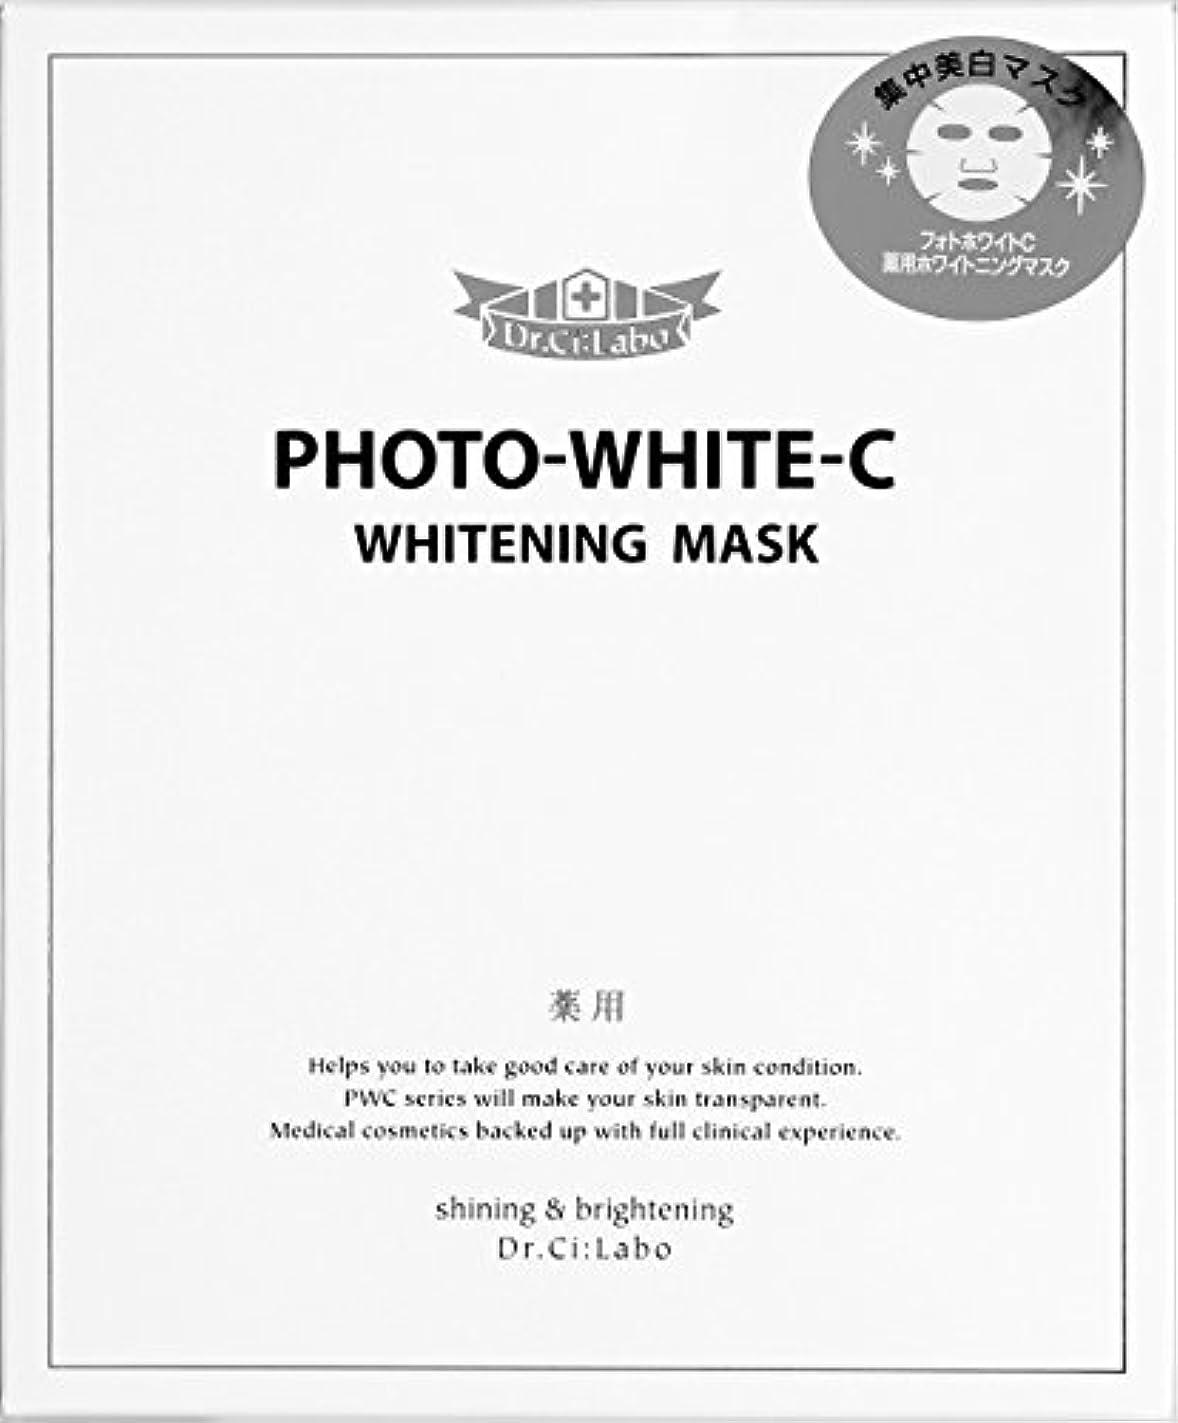 いたずらな到着時期尚早ドクターシーラボ フォトホワイトC 薬用ホワイトニングマスク (1箱:5枚入り) フェイスパック [医薬部外品]